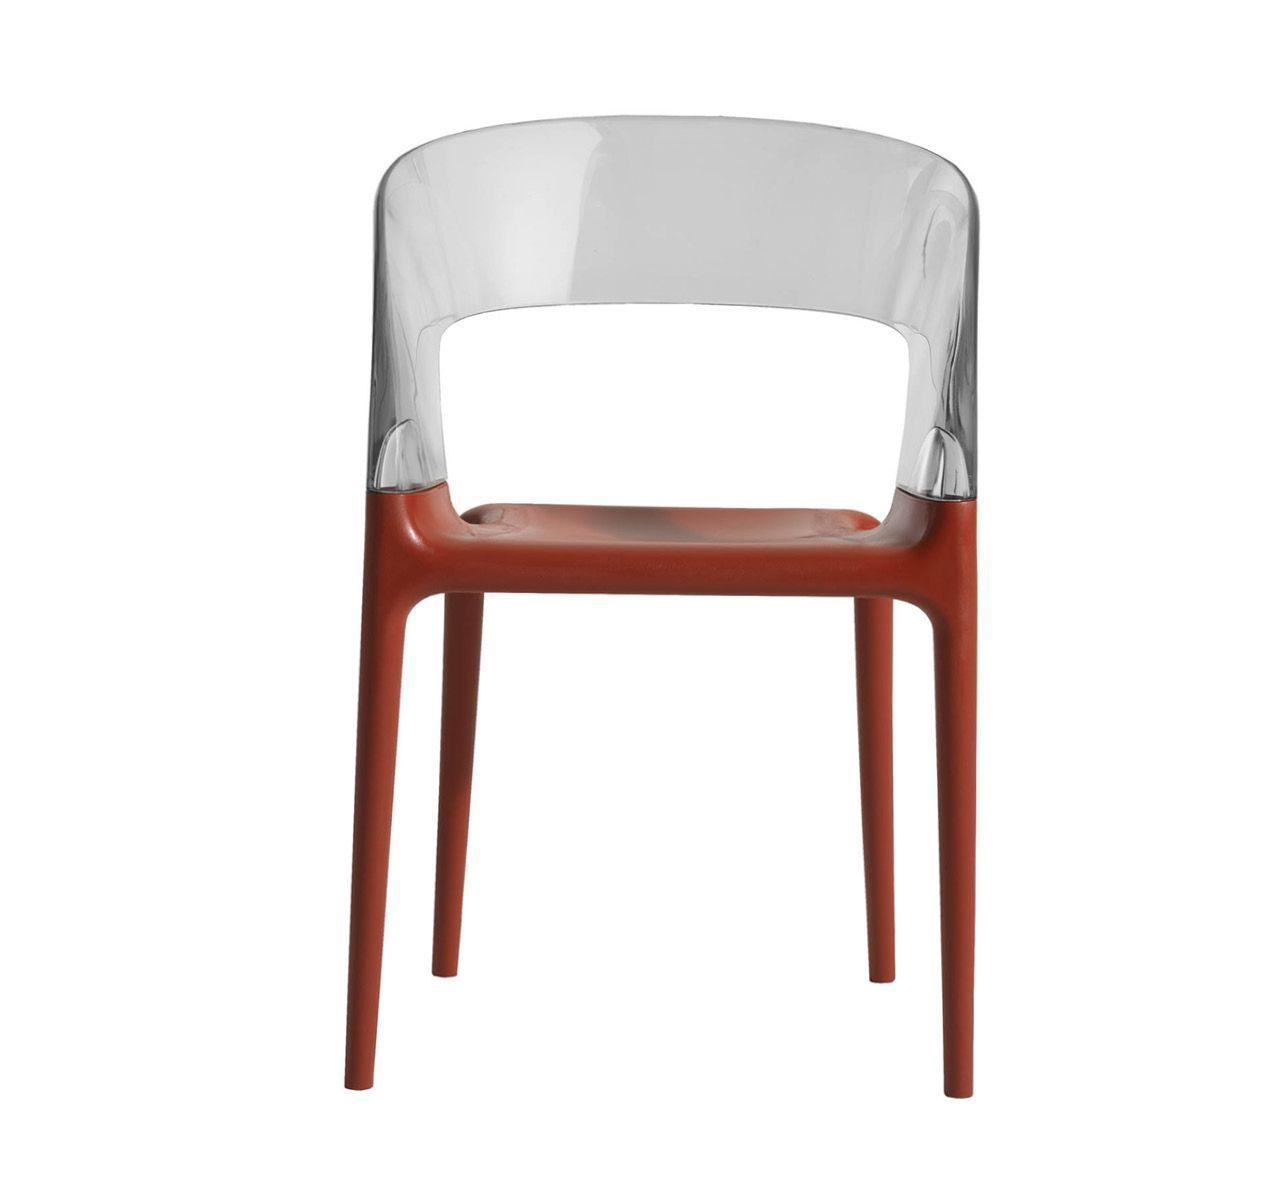 Sedia Ring | Philippe Starck with Eugeni Quitllet | Driade | sedia ...